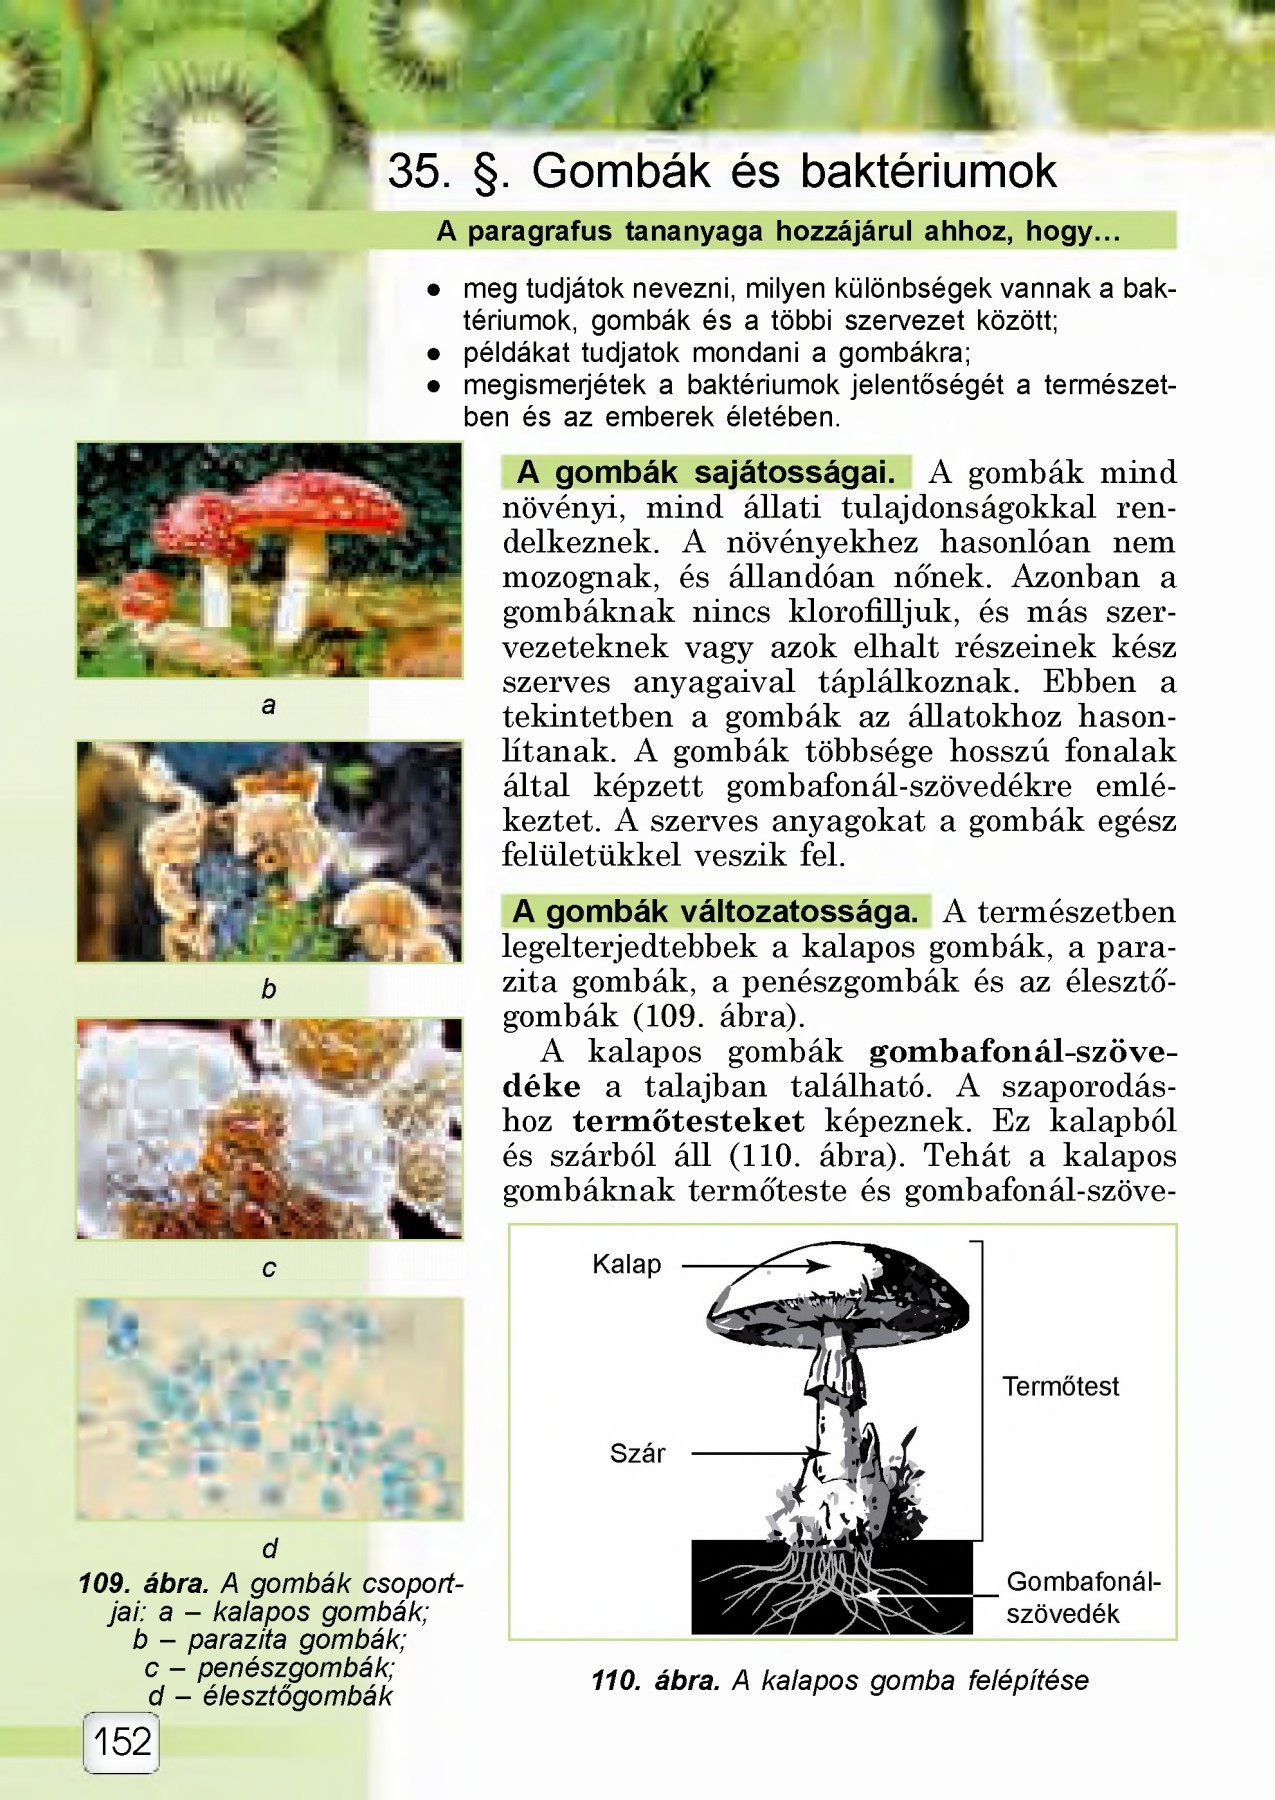 paraziták ragadozók magyarázza)